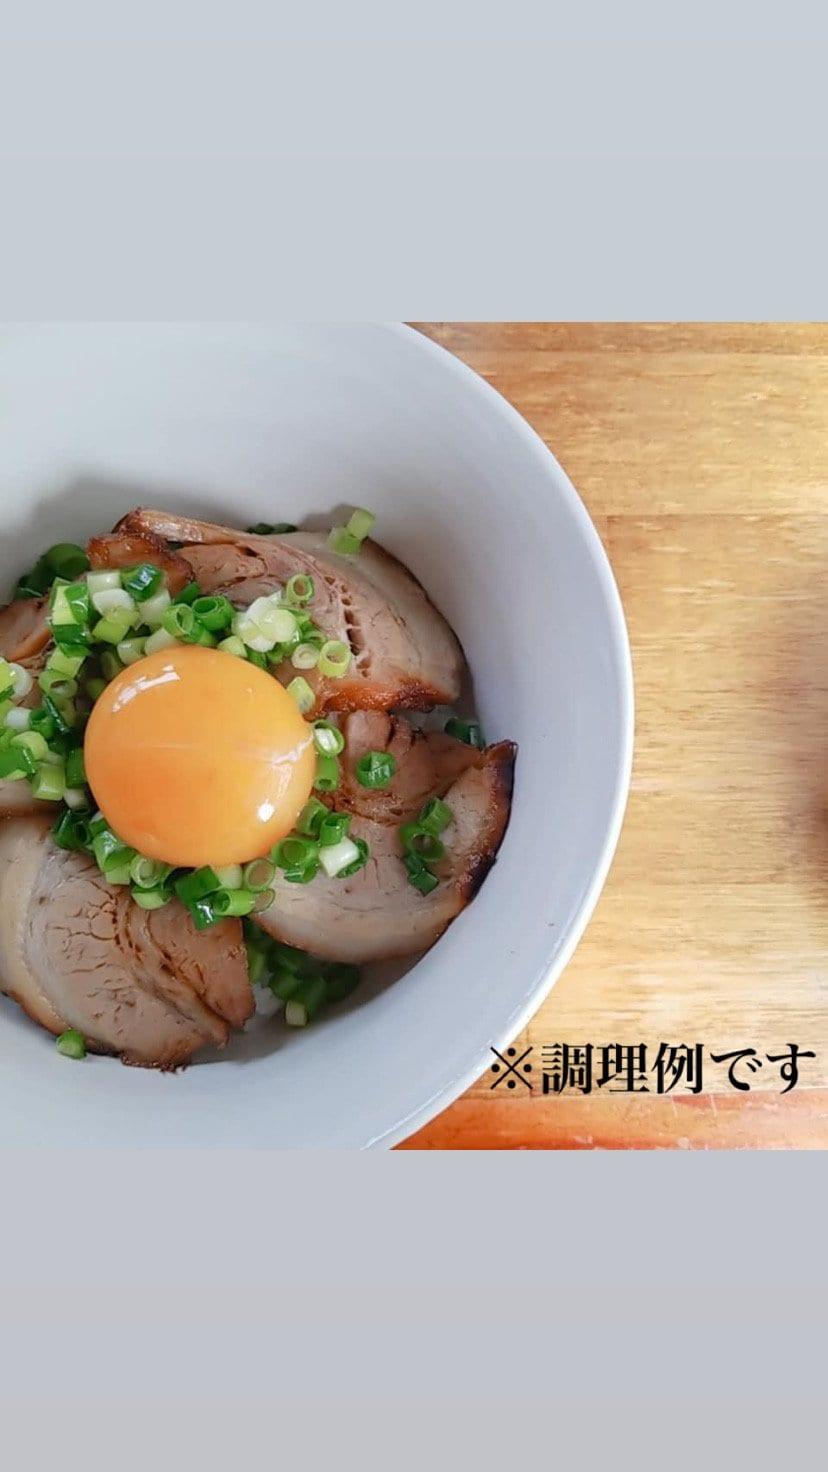 長崎のこだわりブランド豚「あかね豚」の激ウマ煮込みチャーシュー約500g 1本|テイクアウト・ポイント付き♪のイメージその4